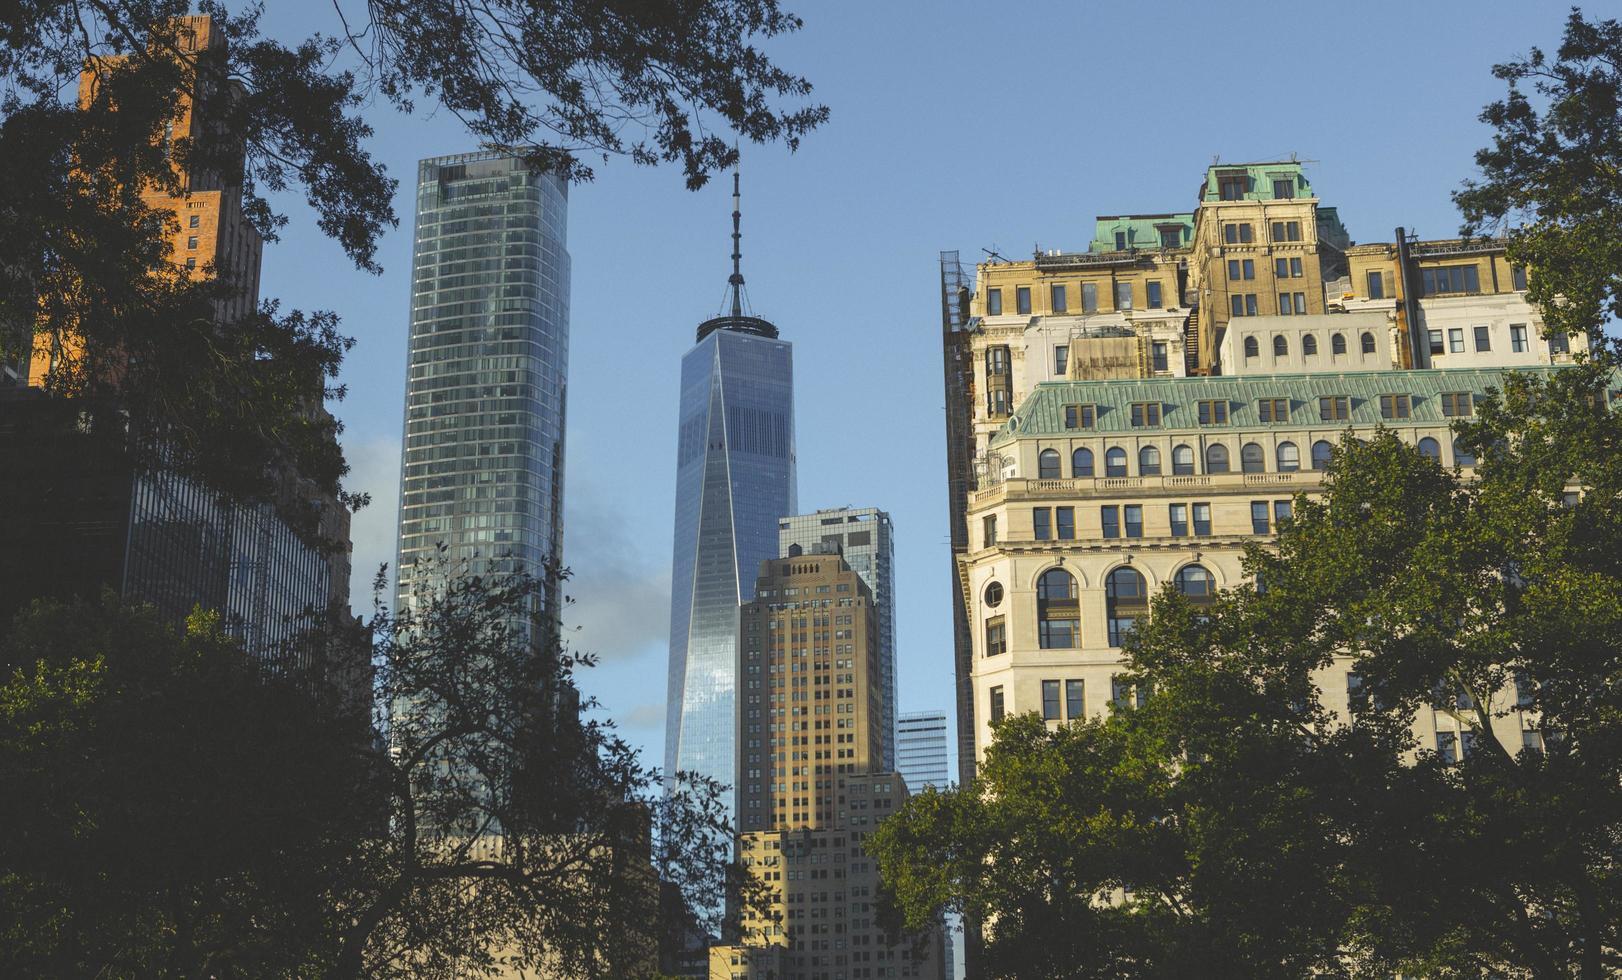 edificios de gran altura en manhattan foto